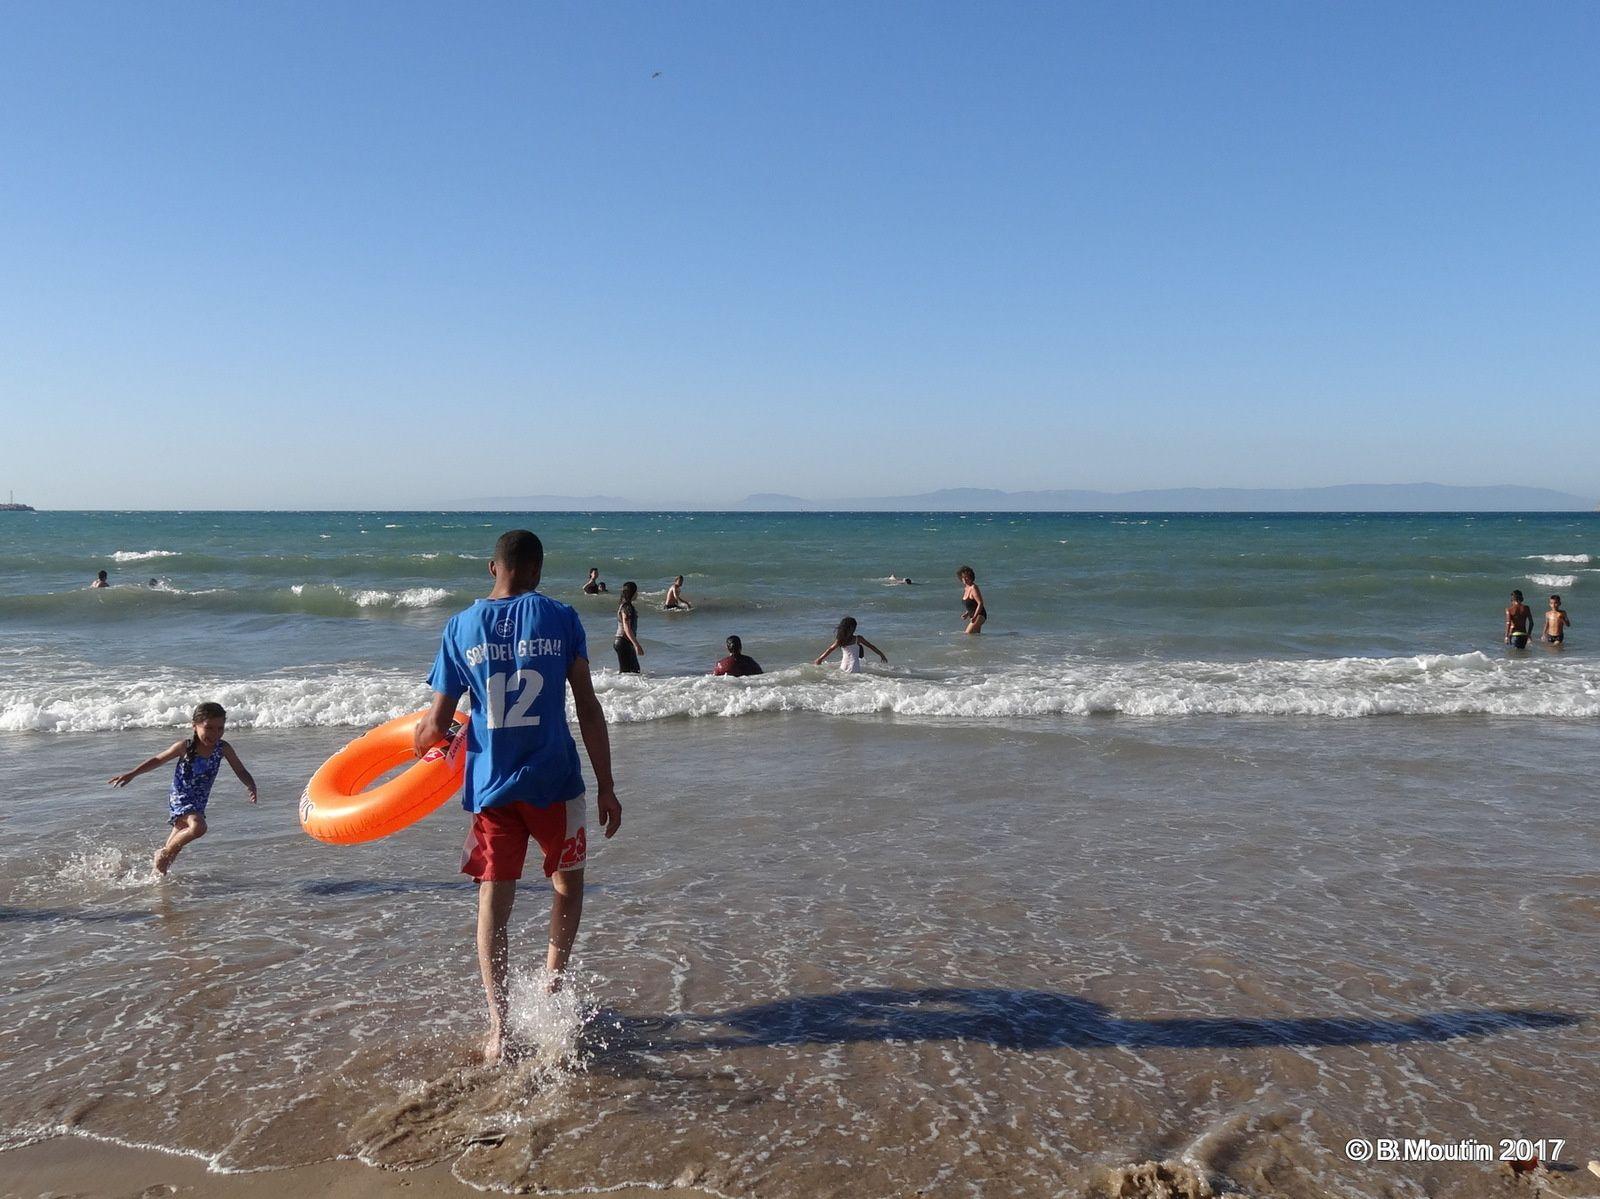 La vie sur la Plage de Tanger ville (6 photos à cliquer)